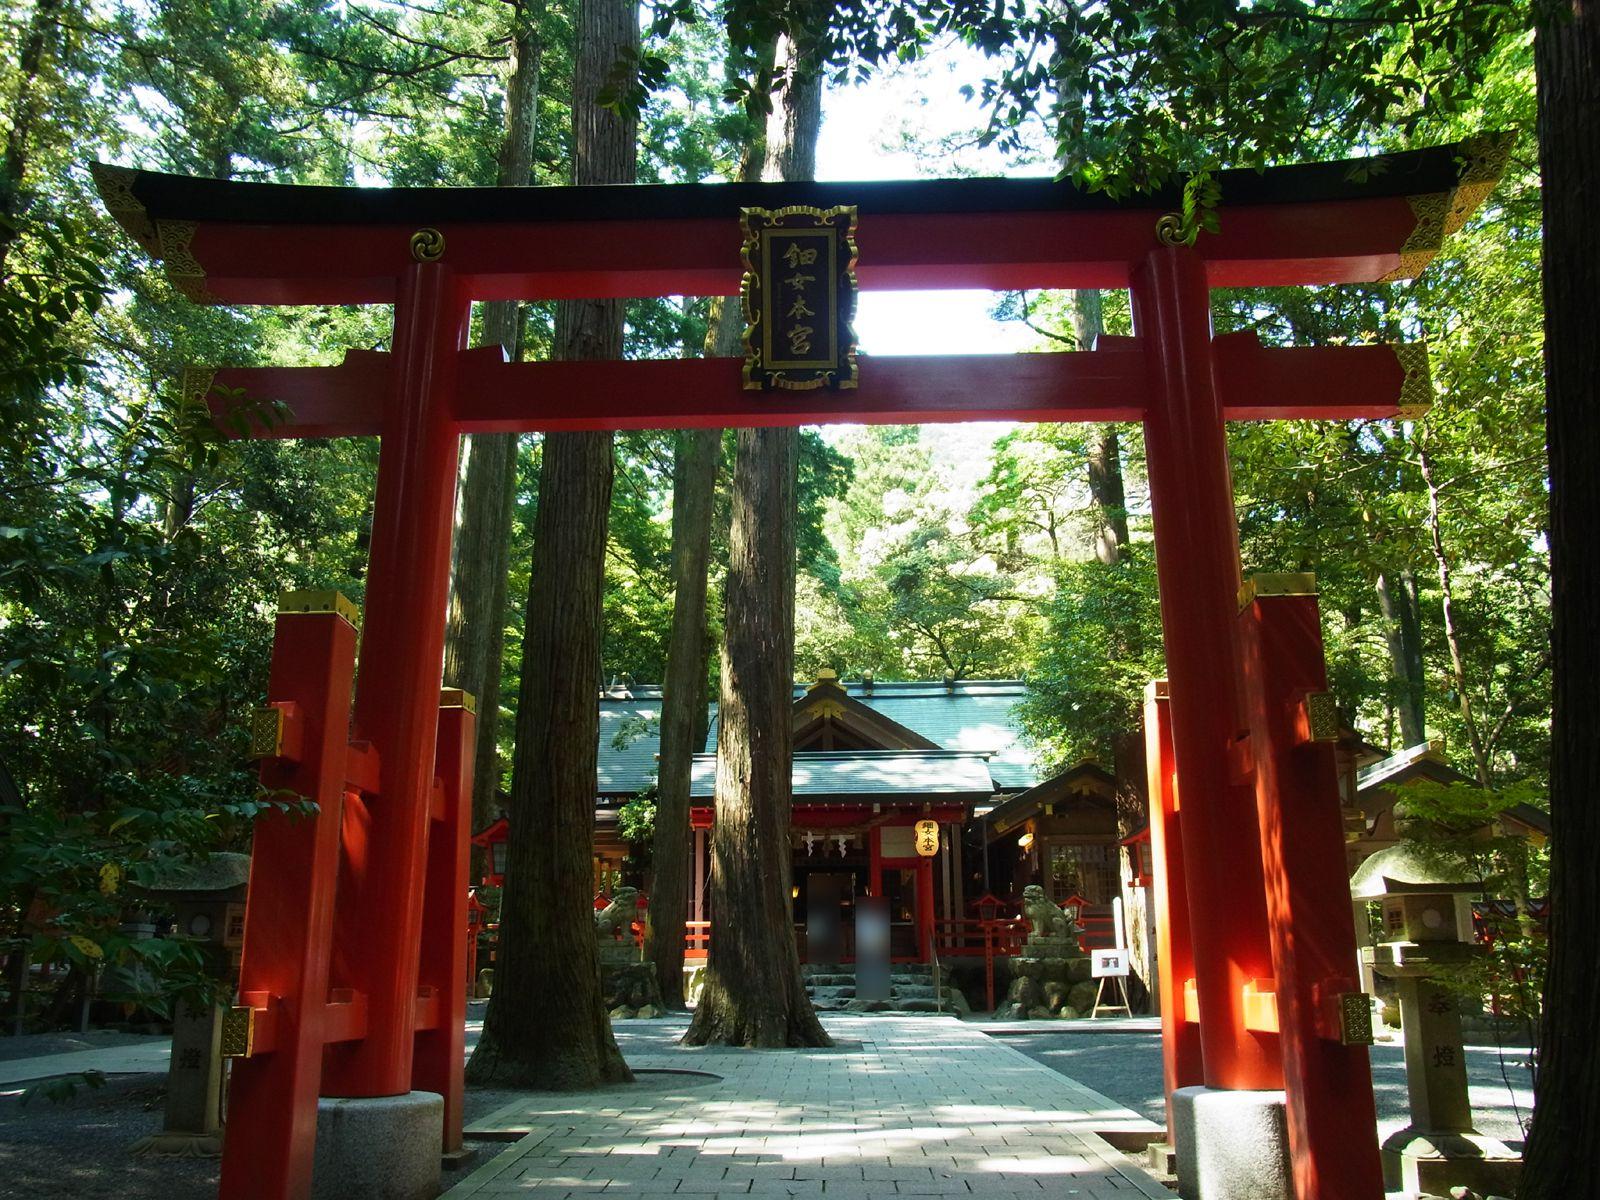 椿大神社と椿岸神社 | ゆき逢い...